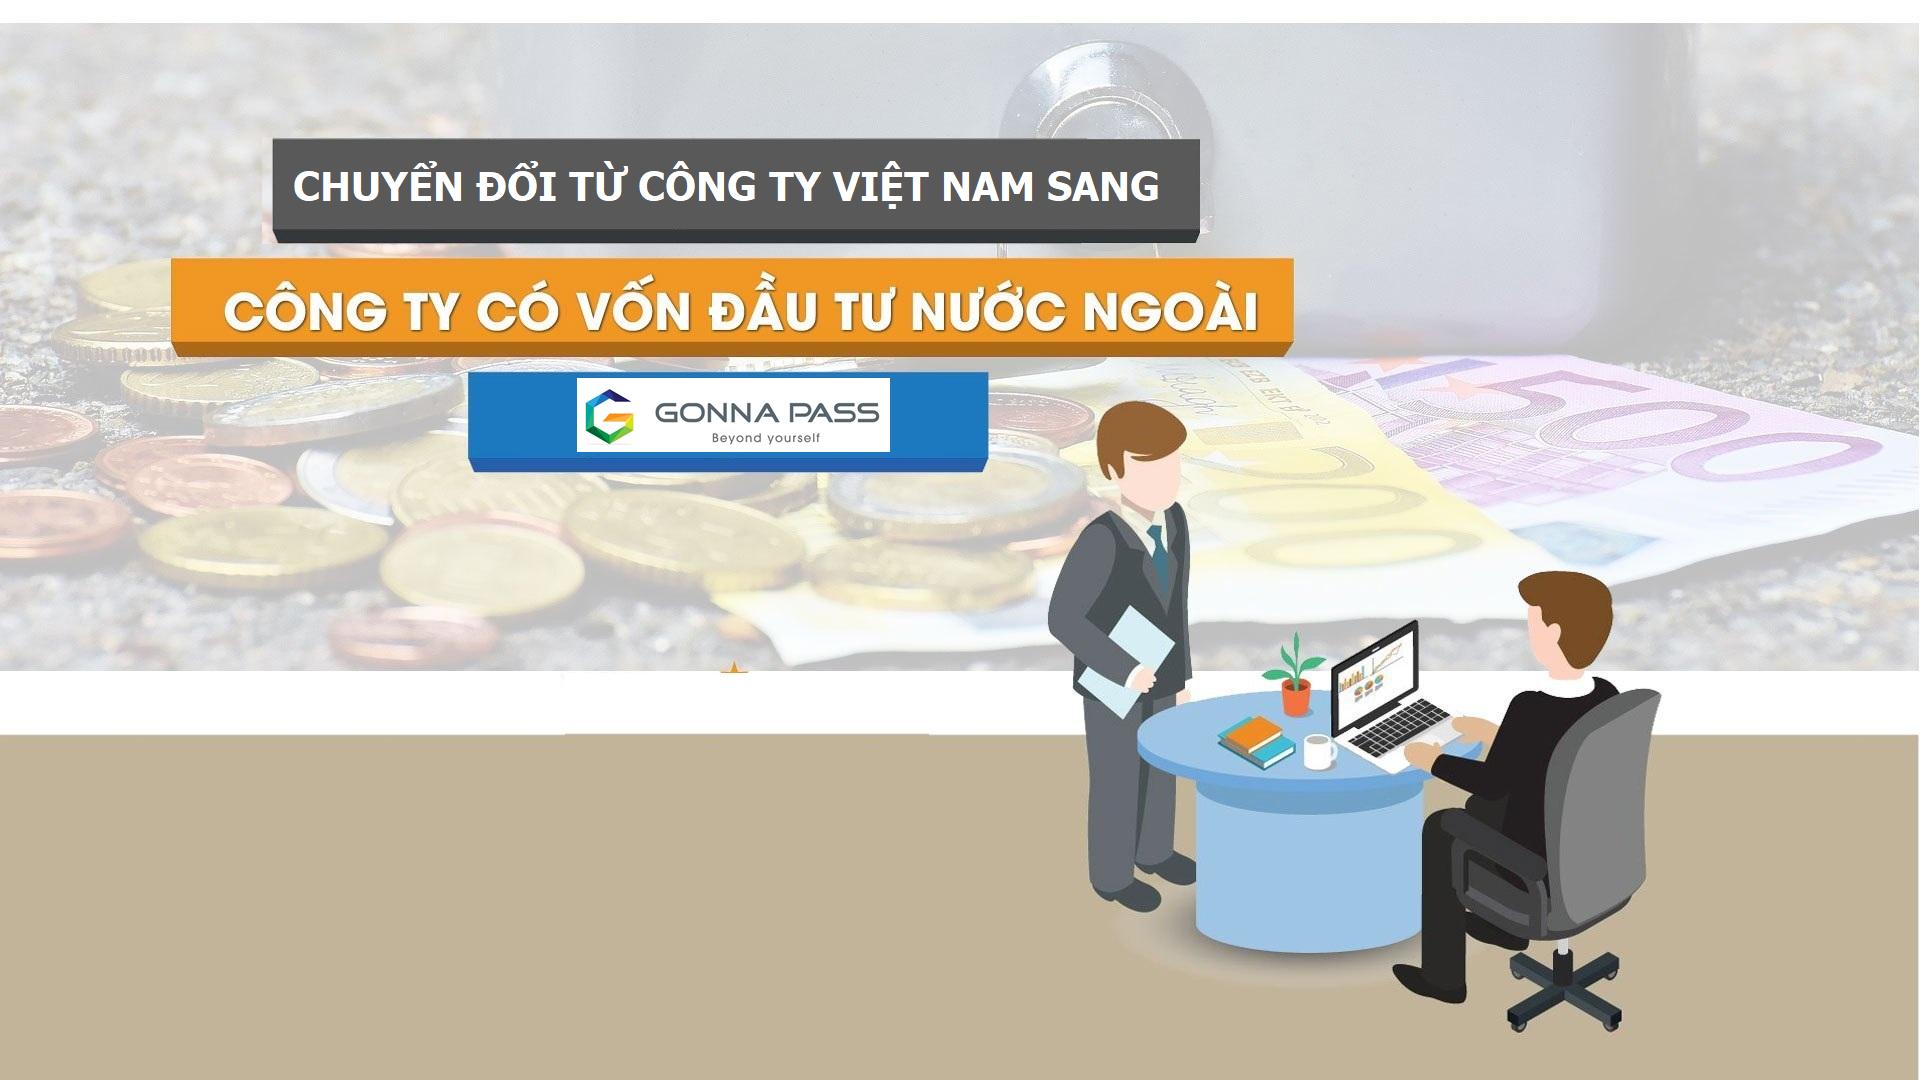 Chuyển đổi từ doanh nghiệp Việt Nam sang doanh nghiệp có vốn đầu tư nước ngoài